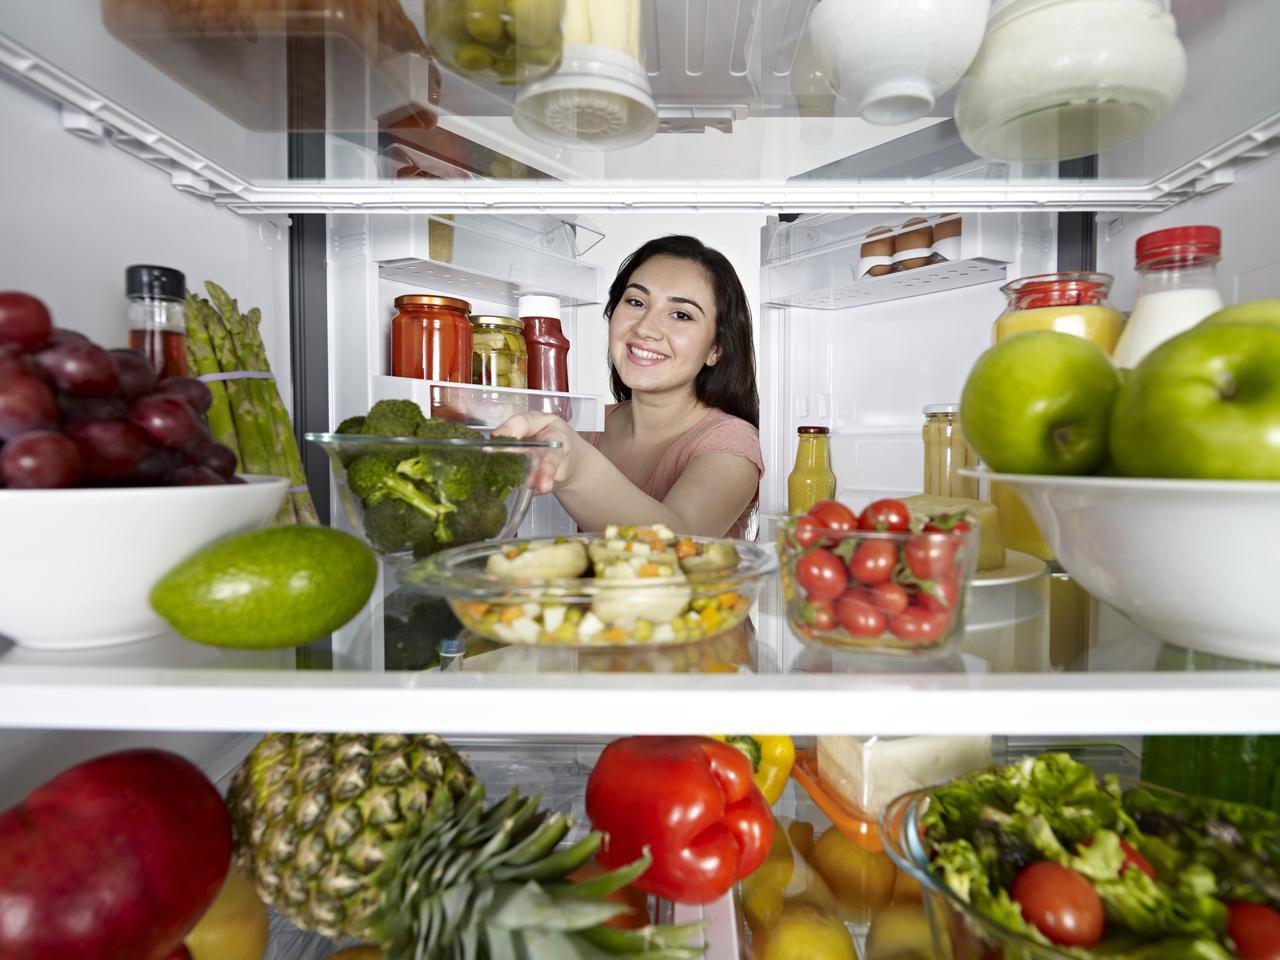 Open Shelf Life Hookup Of Foods